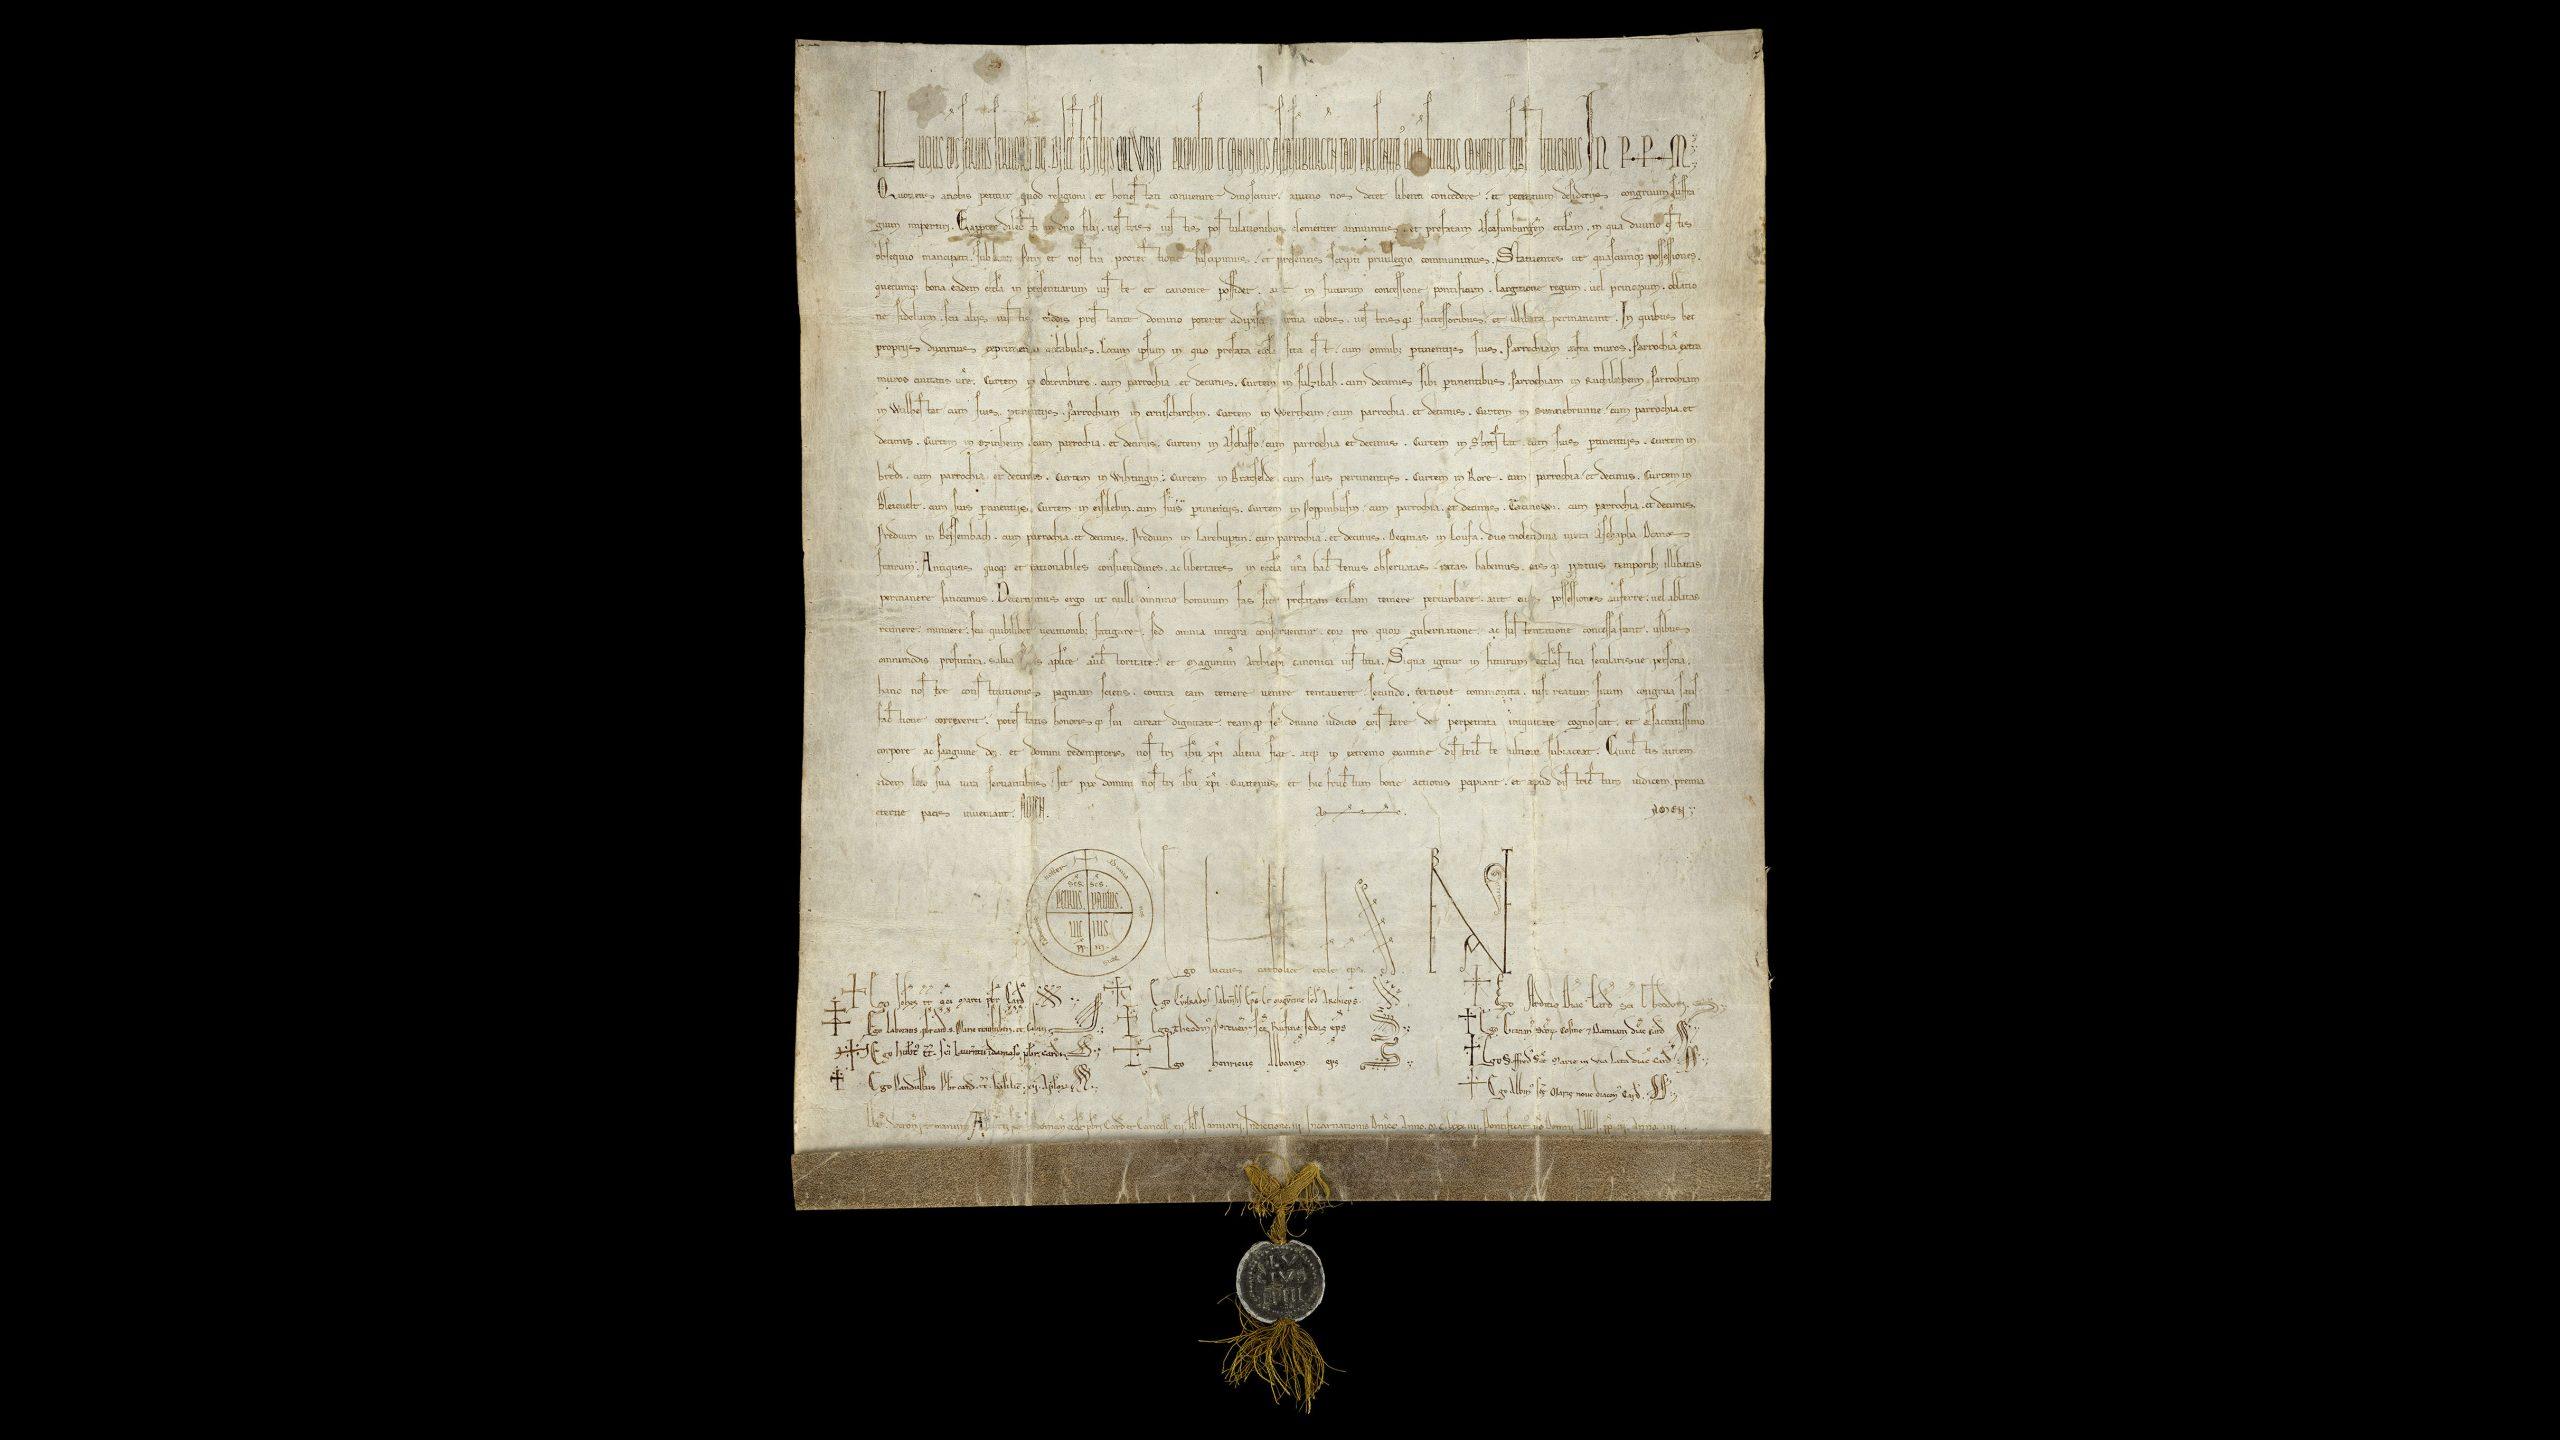 Stiftsarchiv, Urkunden, Nr. 1456: 1184 Dezember 21, Verona, Papst Lucius III. nimmt das Stift Aschaffenburg in seinen apostolischen Schutz und verfügt die Unverletzlichkeit seines Besitzes und seiner Rechte. Pergament, Bleibulle des Papstes